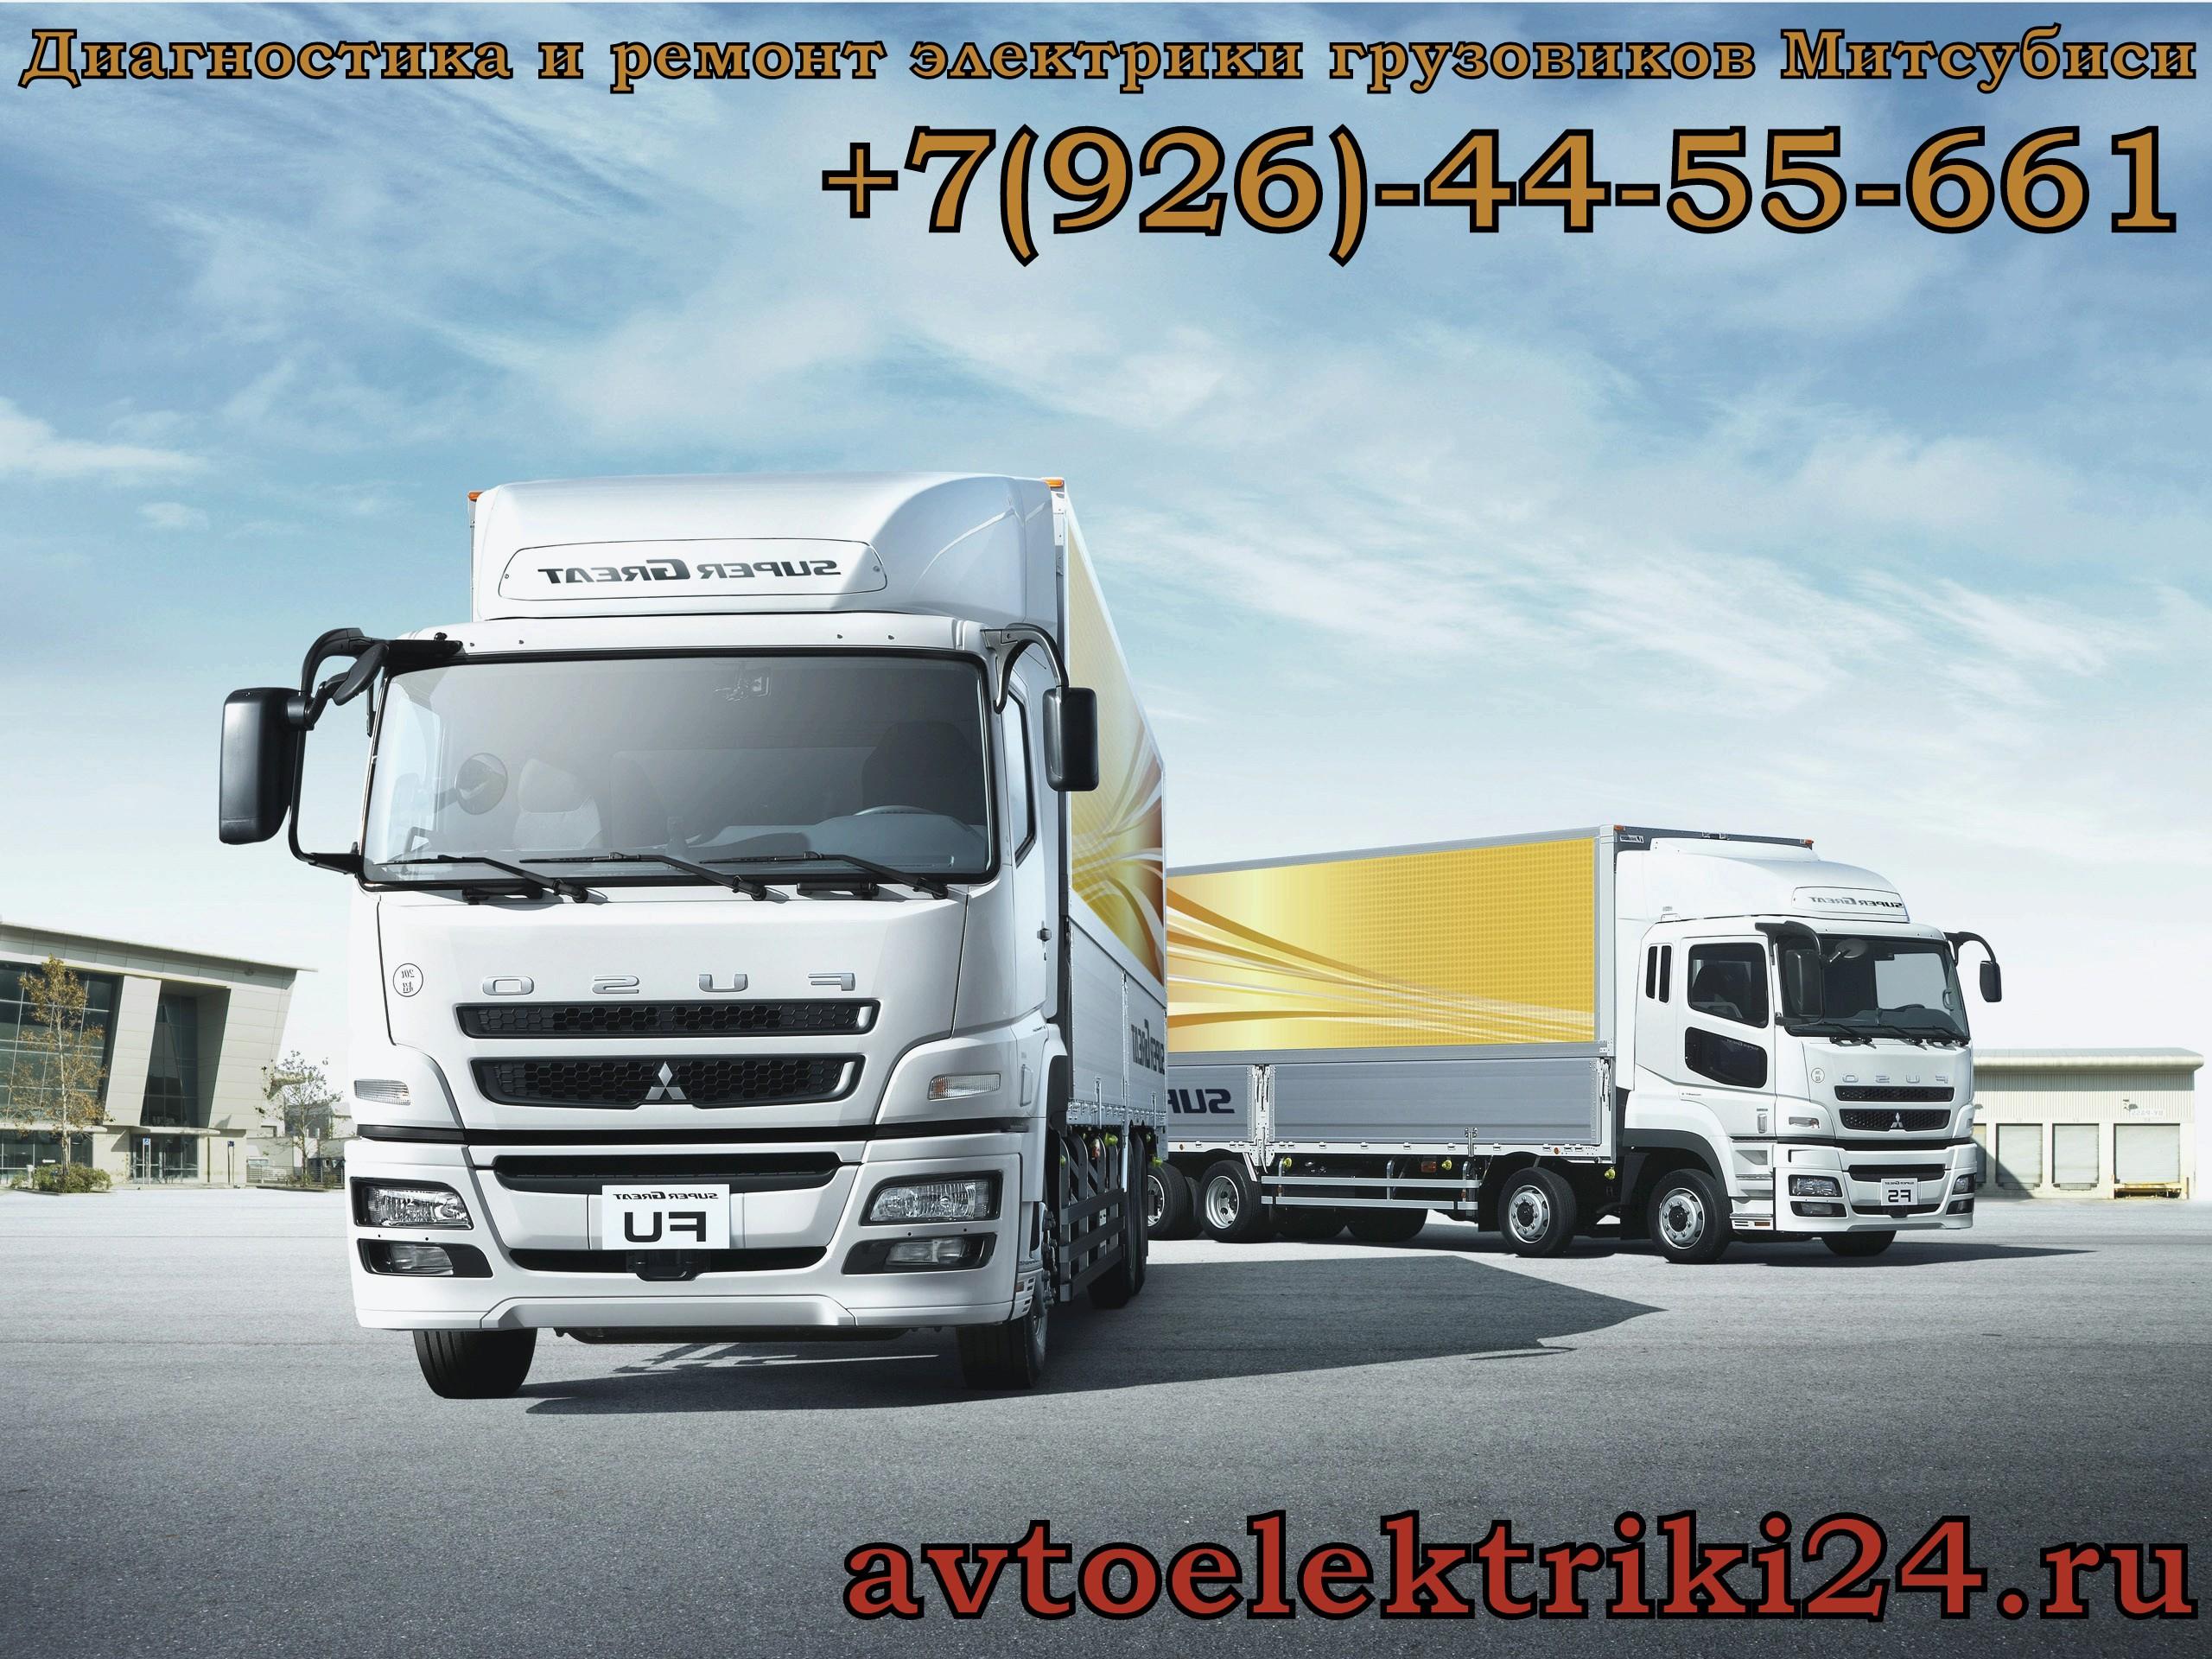 Диагностика и ремонт электрики грузовиков Митсубиси